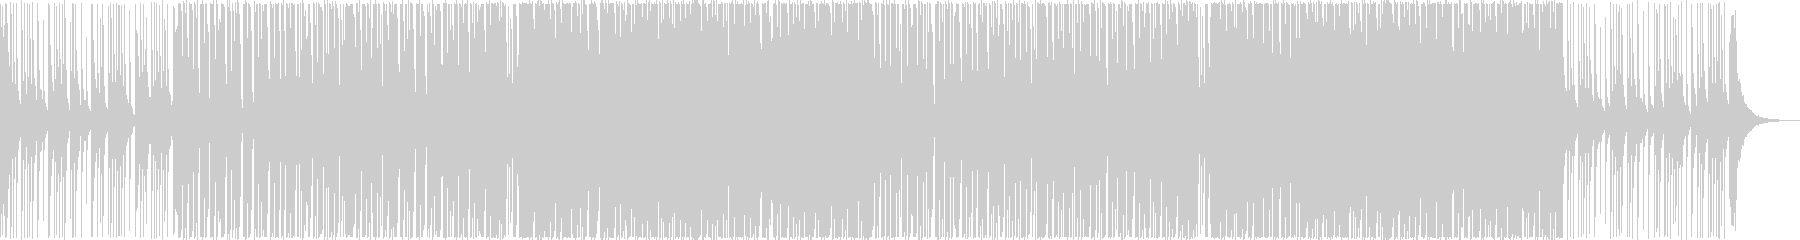 和風エレクトロハウスダンス・三味線尺八箏の未再生の波形